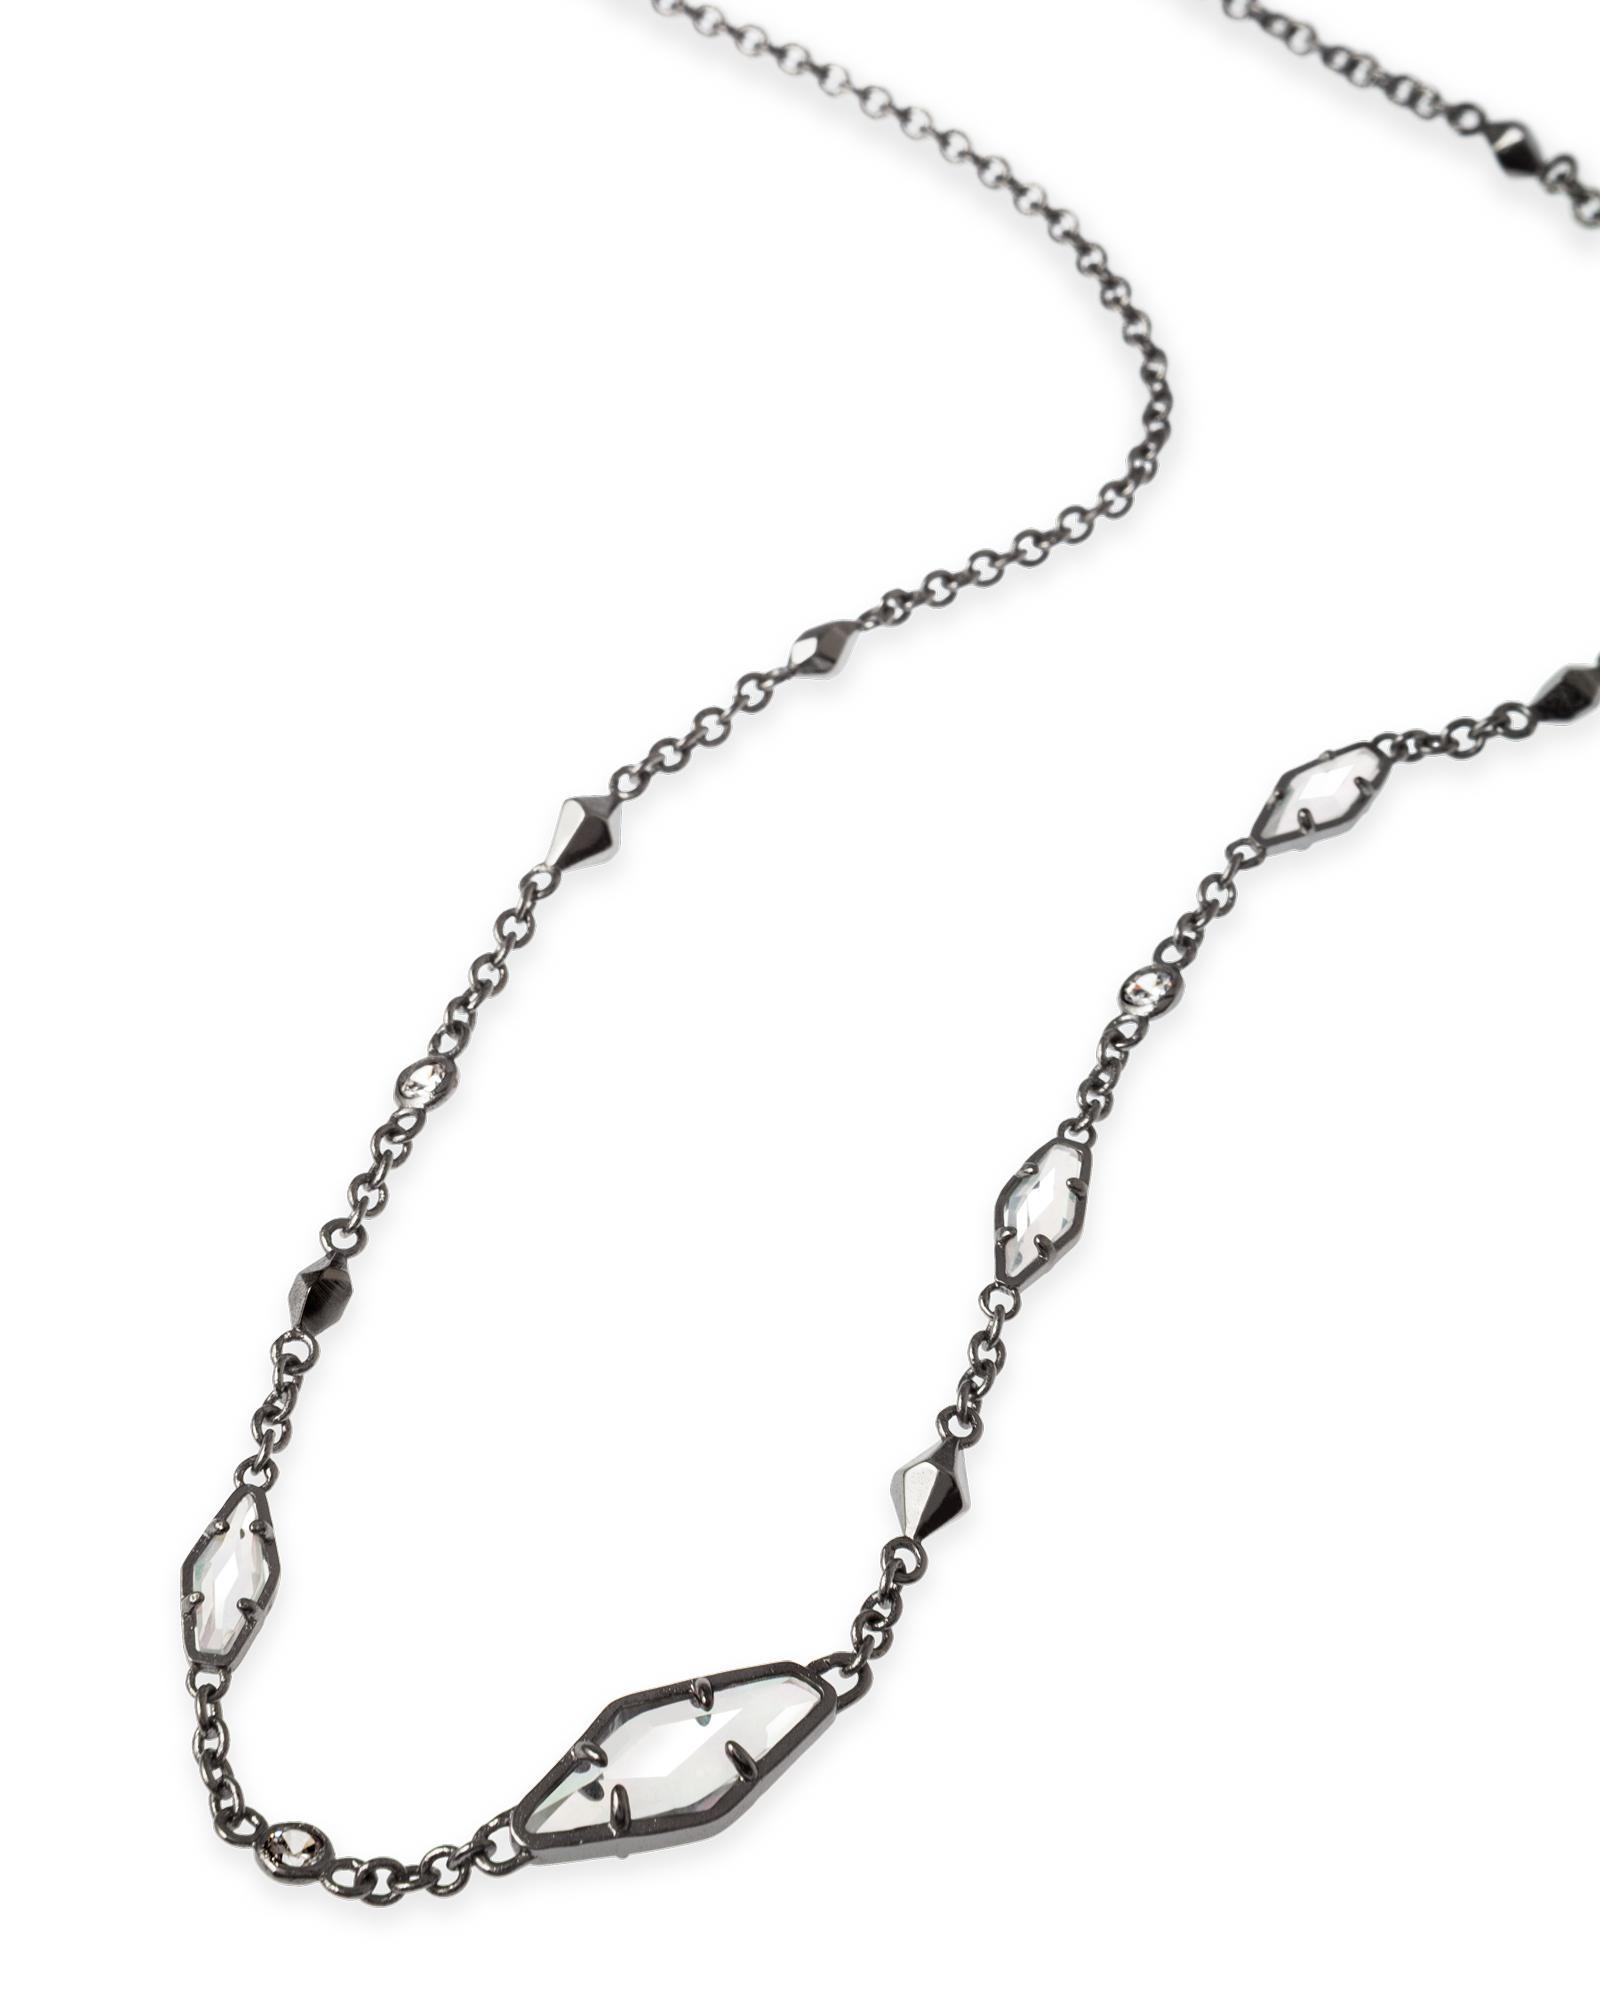 b7dfef61839421 Debra Necklace in Hematite - Kendra Scott Jewelry. | WishList ...